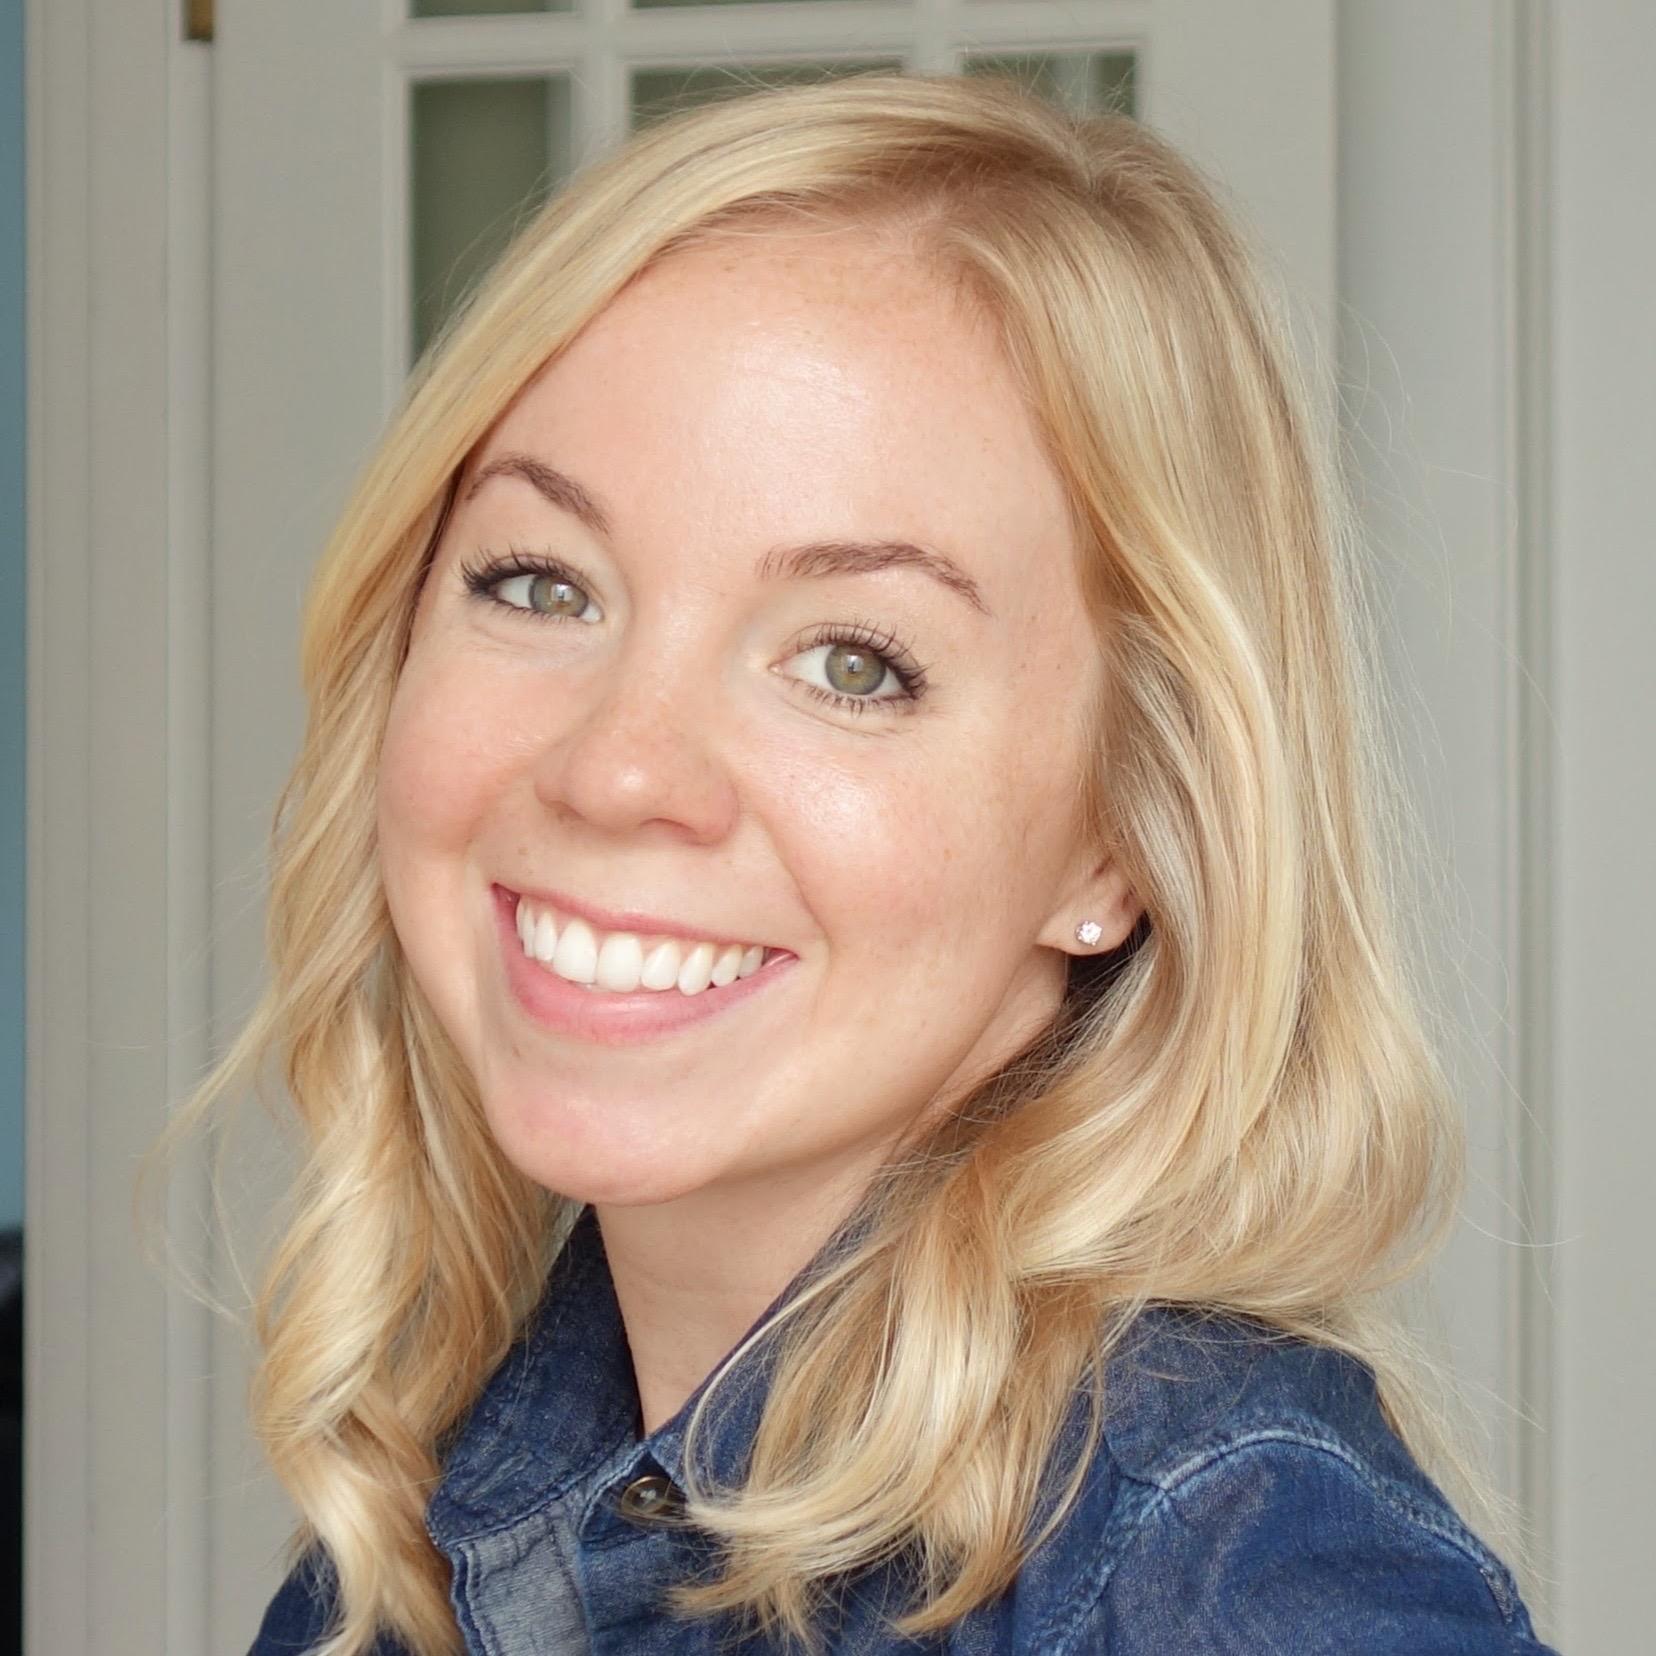 Elizabeth Gustafson